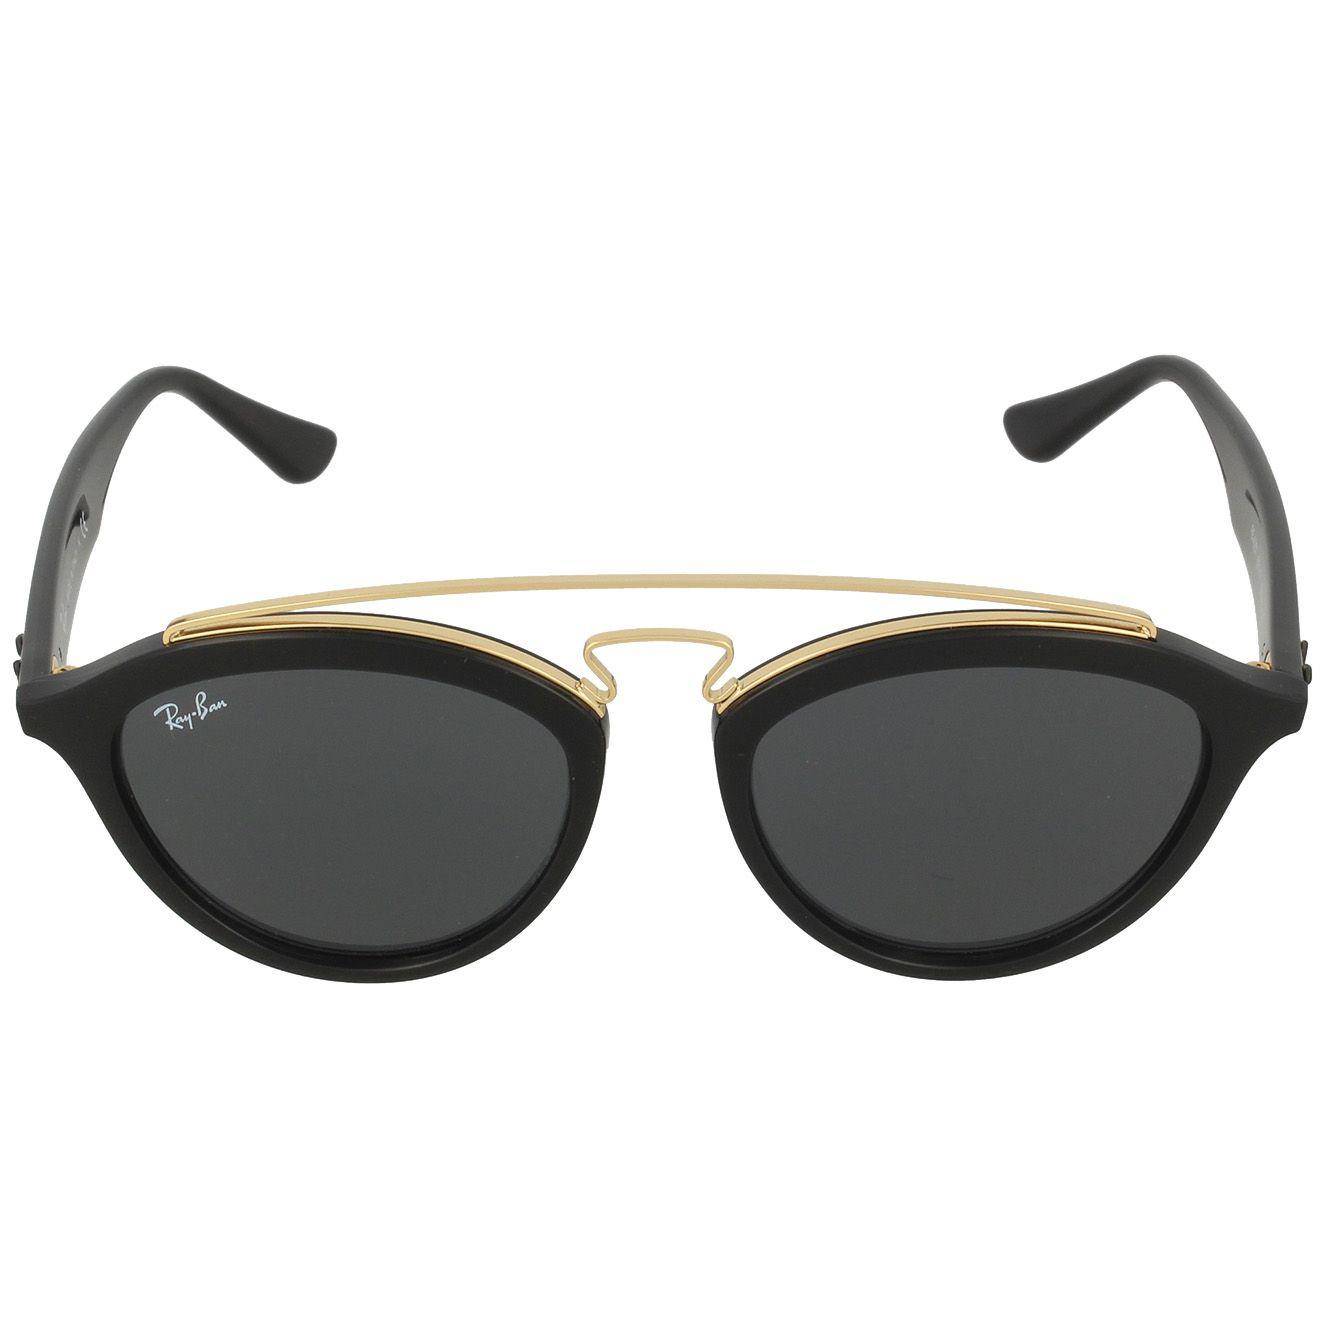 b18157f0736279 Bazarchic - Lunettes de soleil Femme noires   lunettes.   Pinterest ...